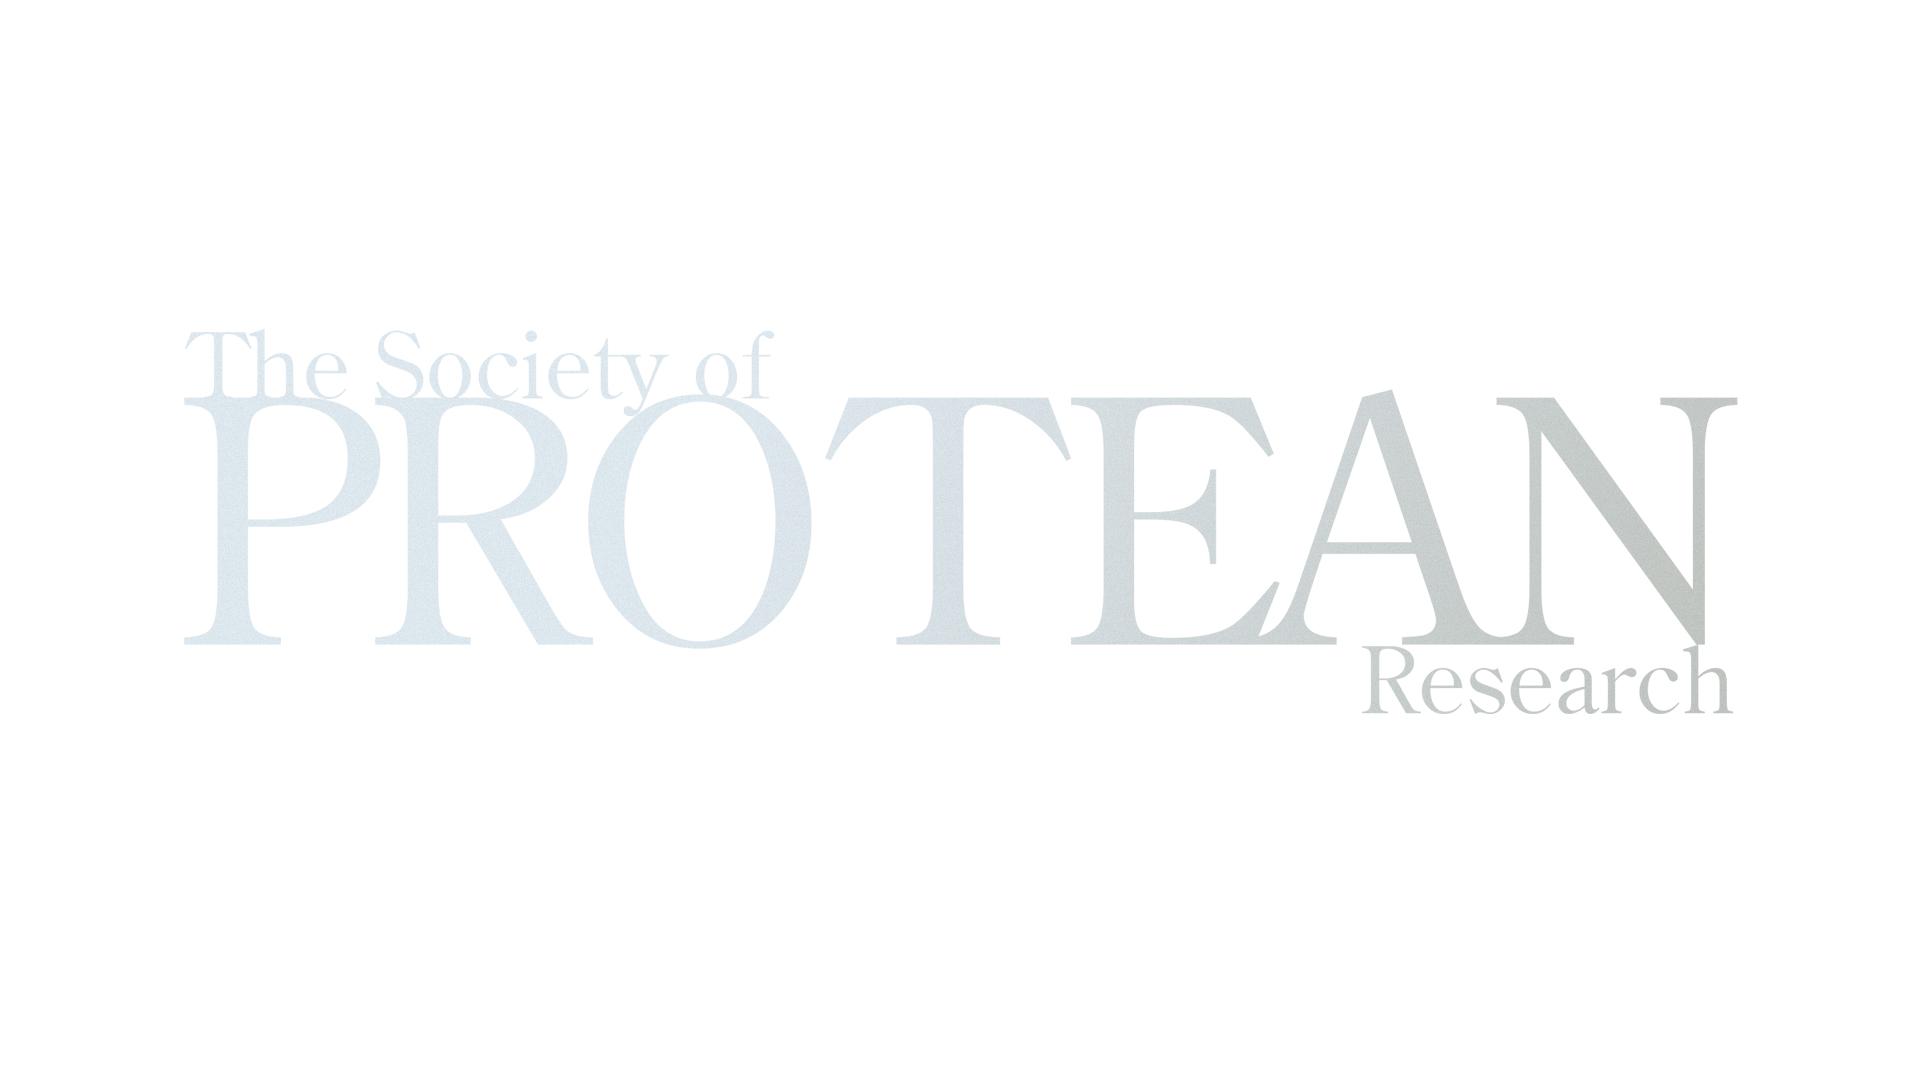 プロティアン研究会メインイメージ1 the society of protean research